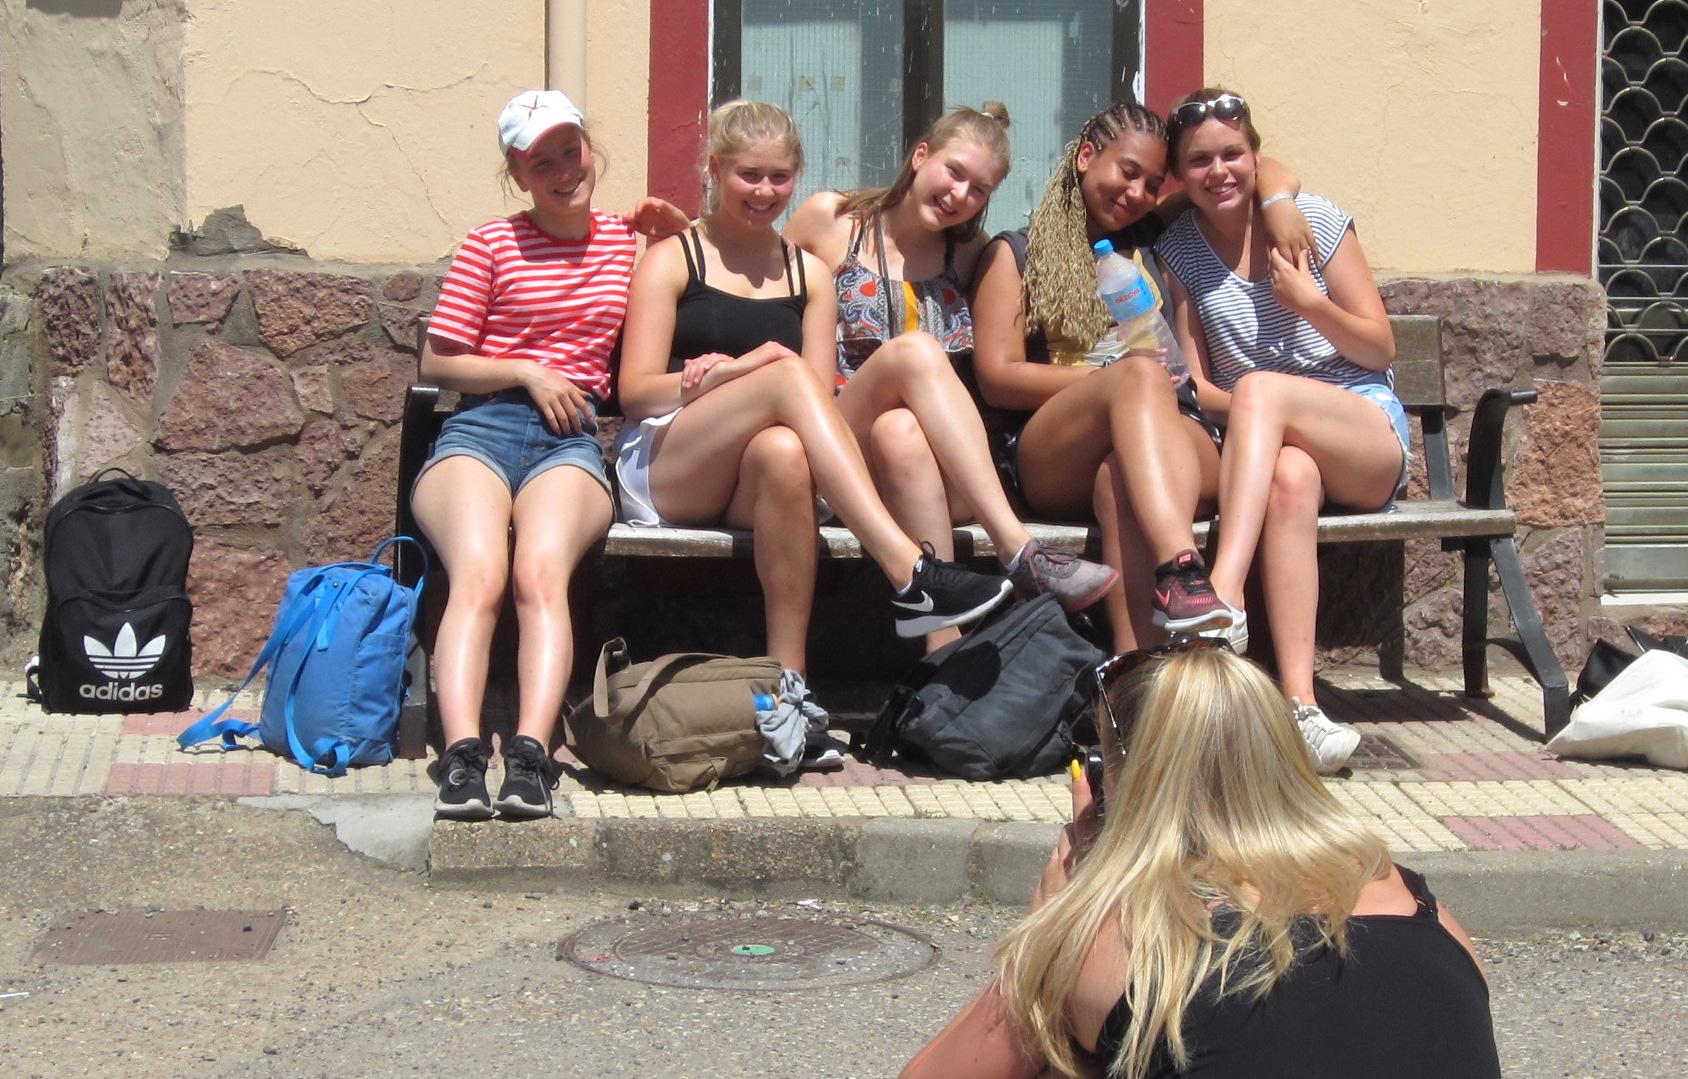 Espanjan, Ranskan ja Gotlannin kesälukioissa vielä tilaa